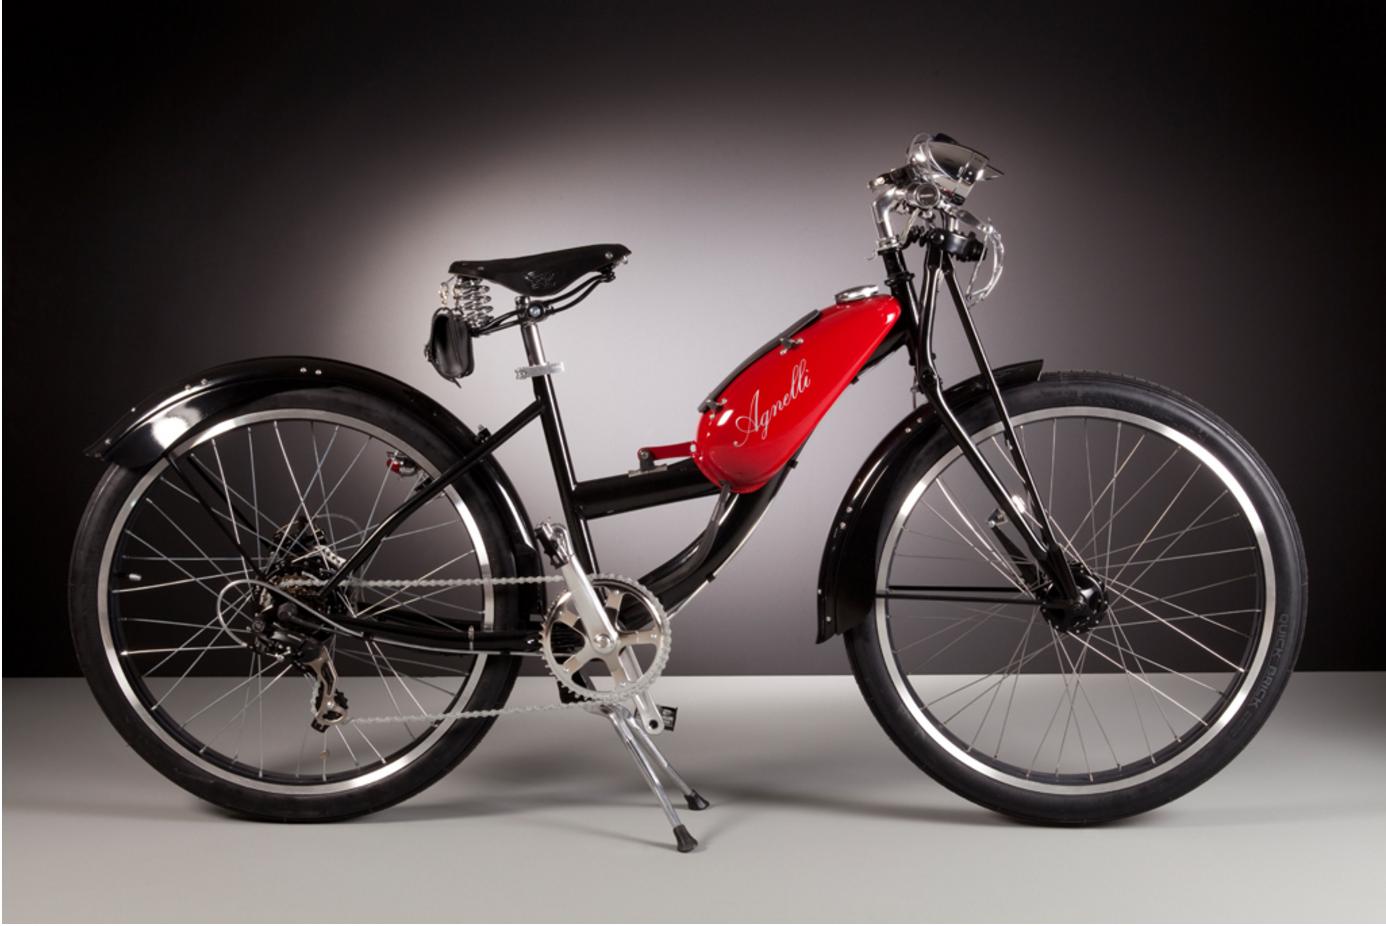 agnelli-milano-bici-baya-iyi-bisiklet-8